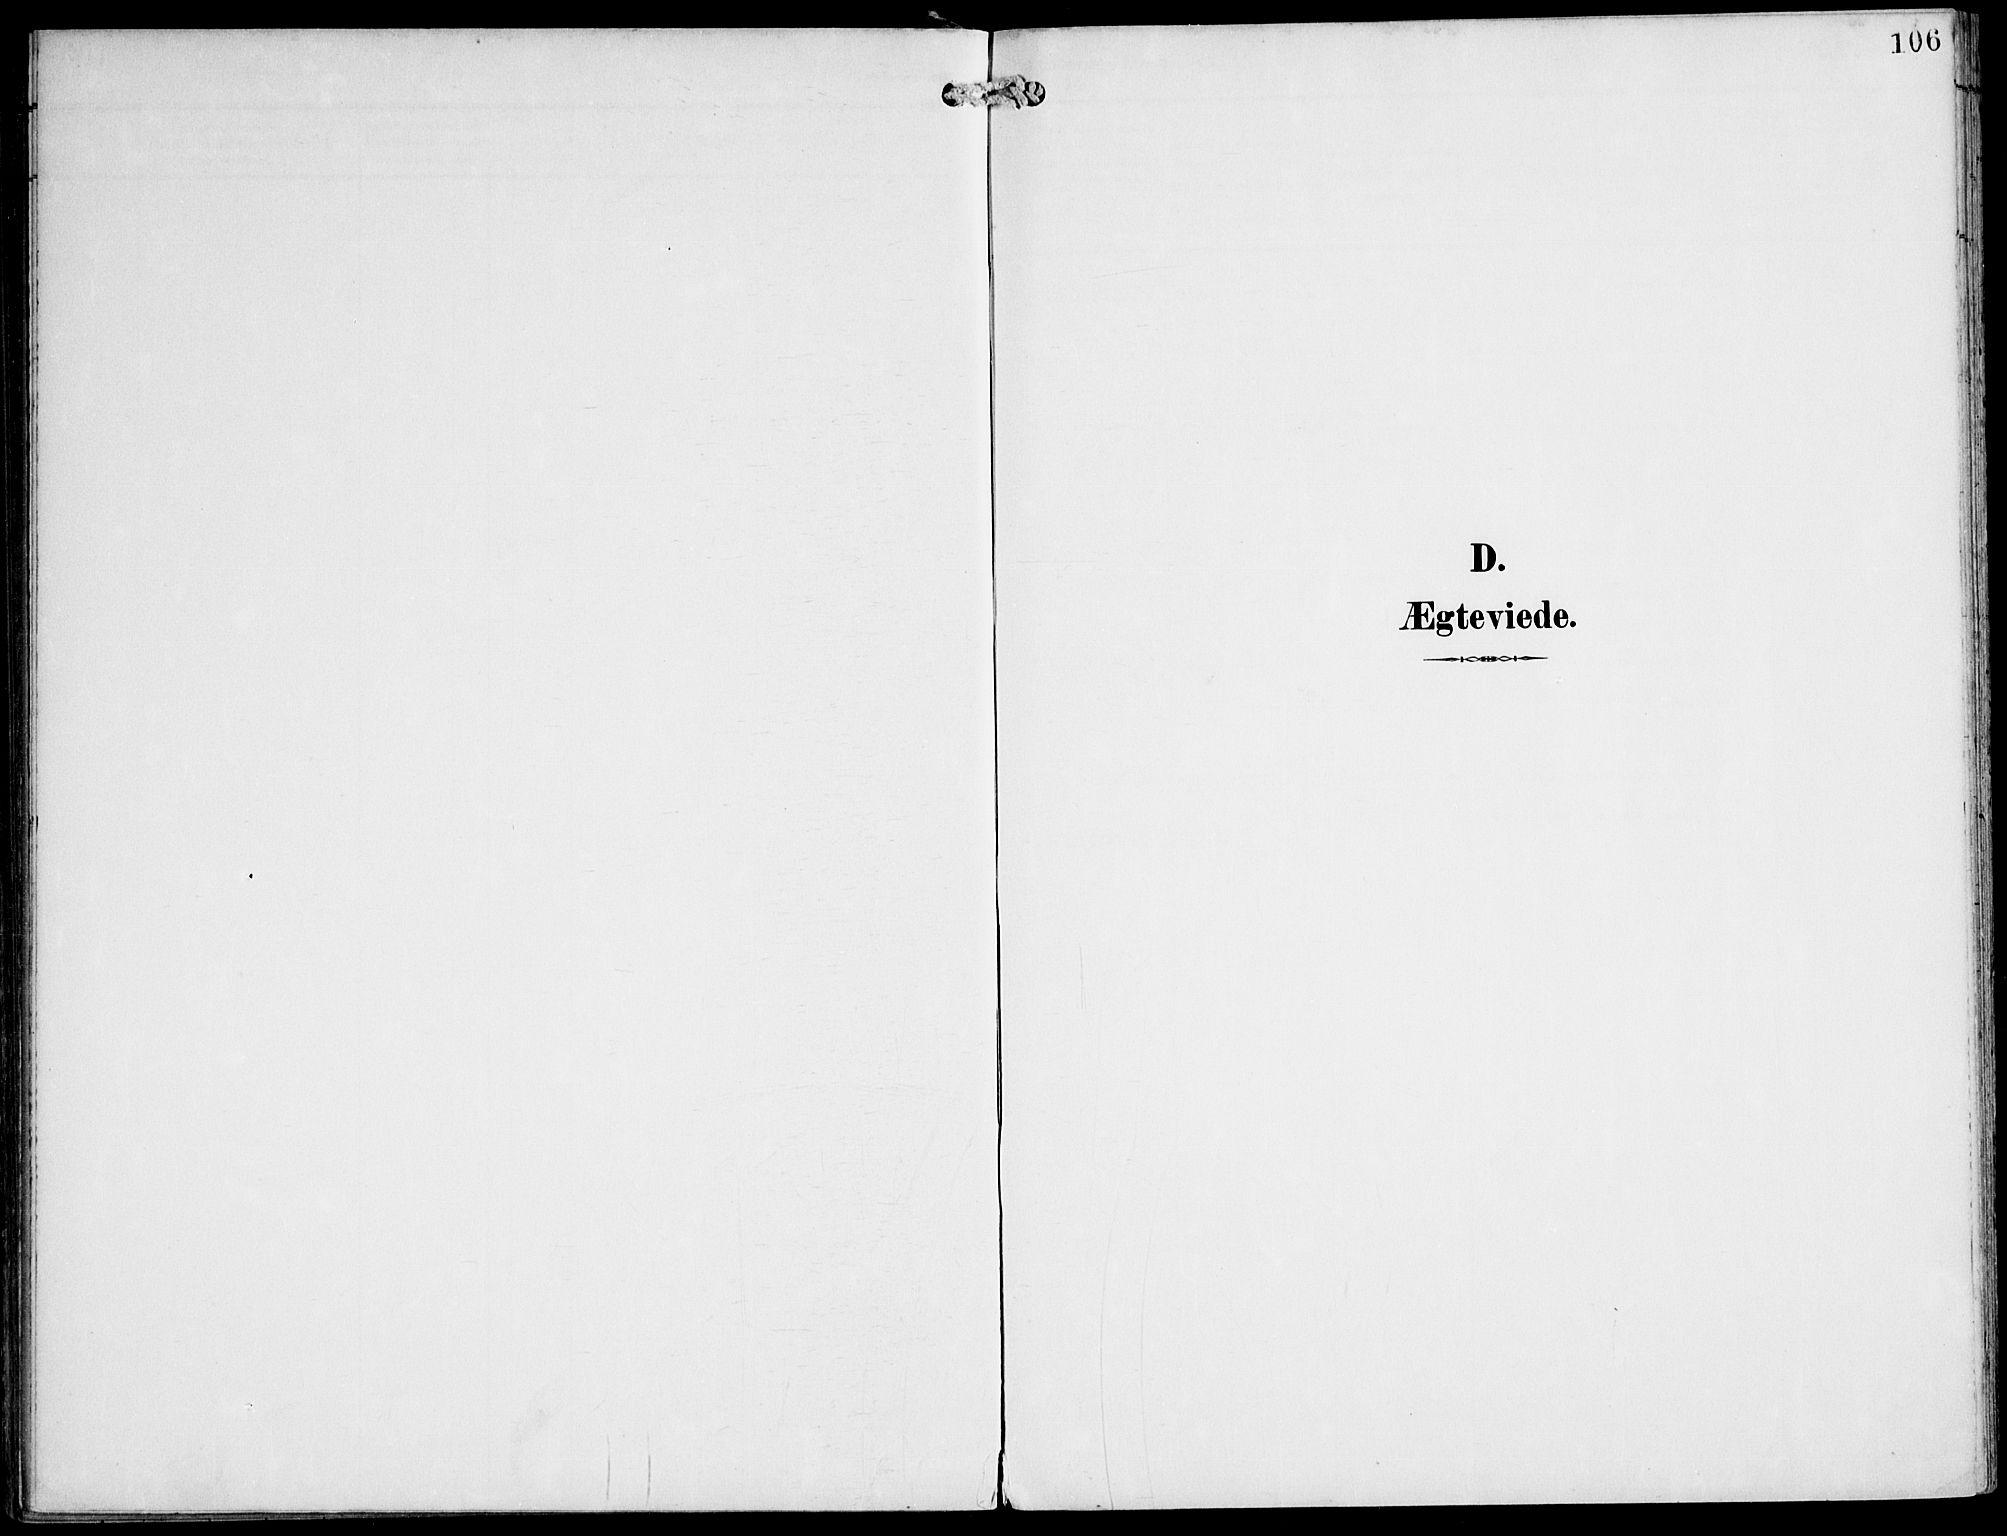 SAT, Ministerialprotokoller, klokkerbøker og fødselsregistre - Nord-Trøndelag, 745/L0430: Ministerialbok nr. 745A02, 1895-1913, s. 106